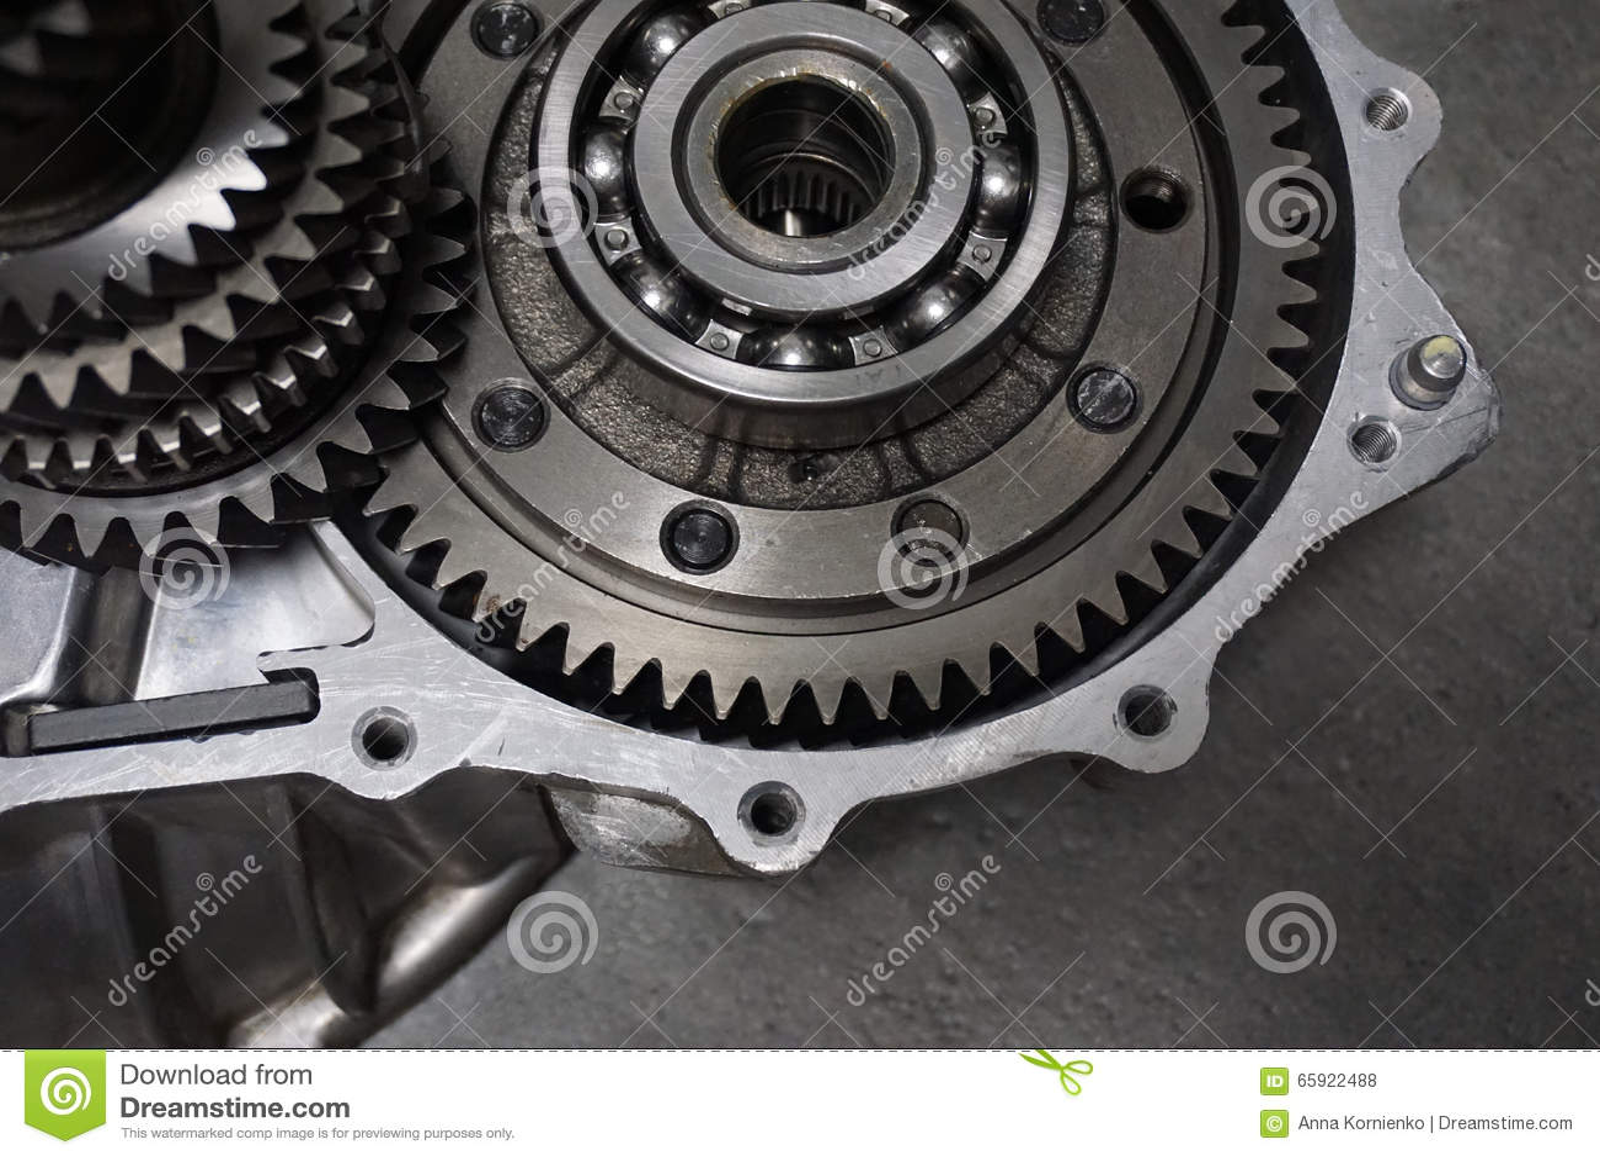 överföring Närbilden av två stålkugghjul anknöt begreppet för förälskelse, familj, teamwork och partnerskap